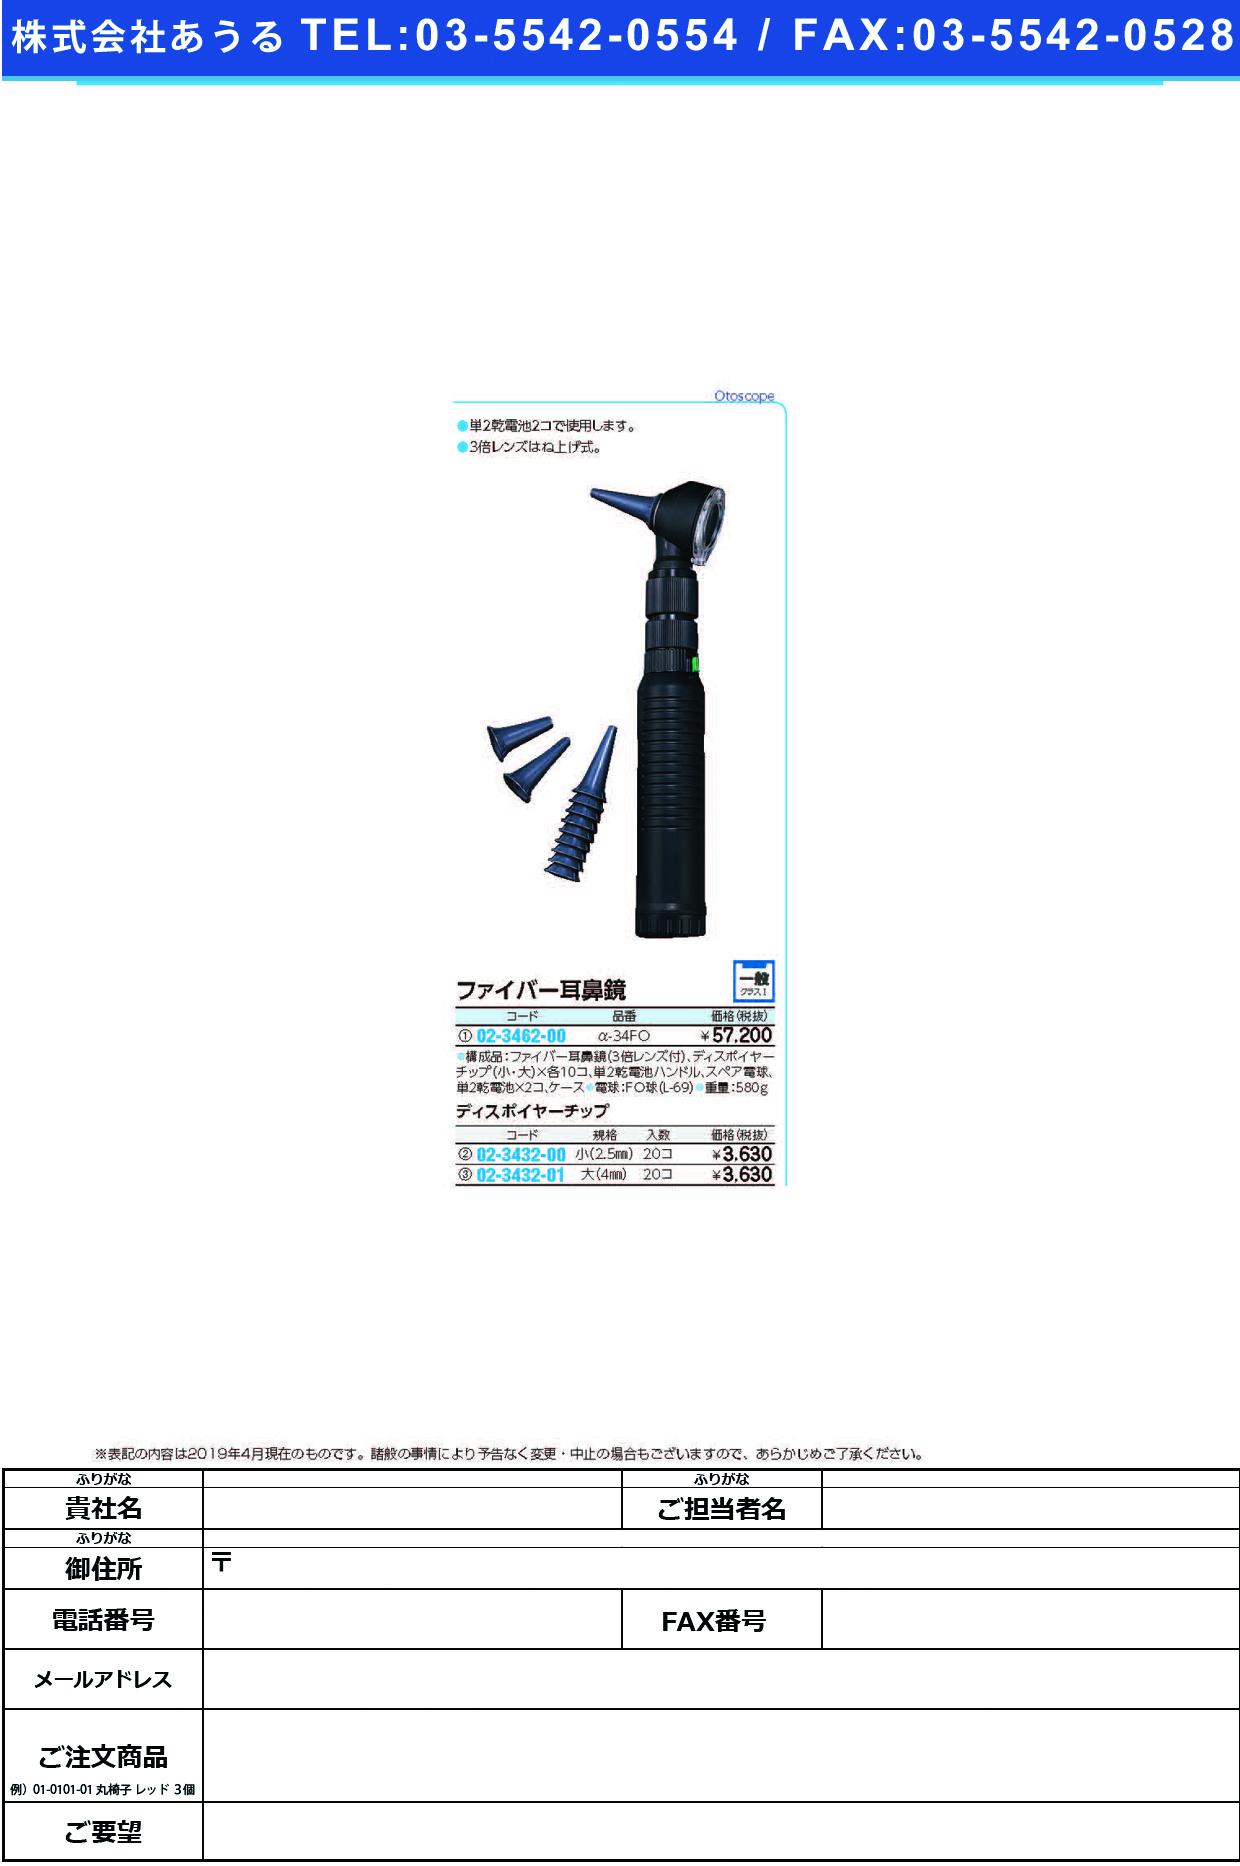 (02-3462-00)ファイバー耳鼻鏡 A-34FO ファイバージビキョウ【1組単位】【2019年カタログ商品】